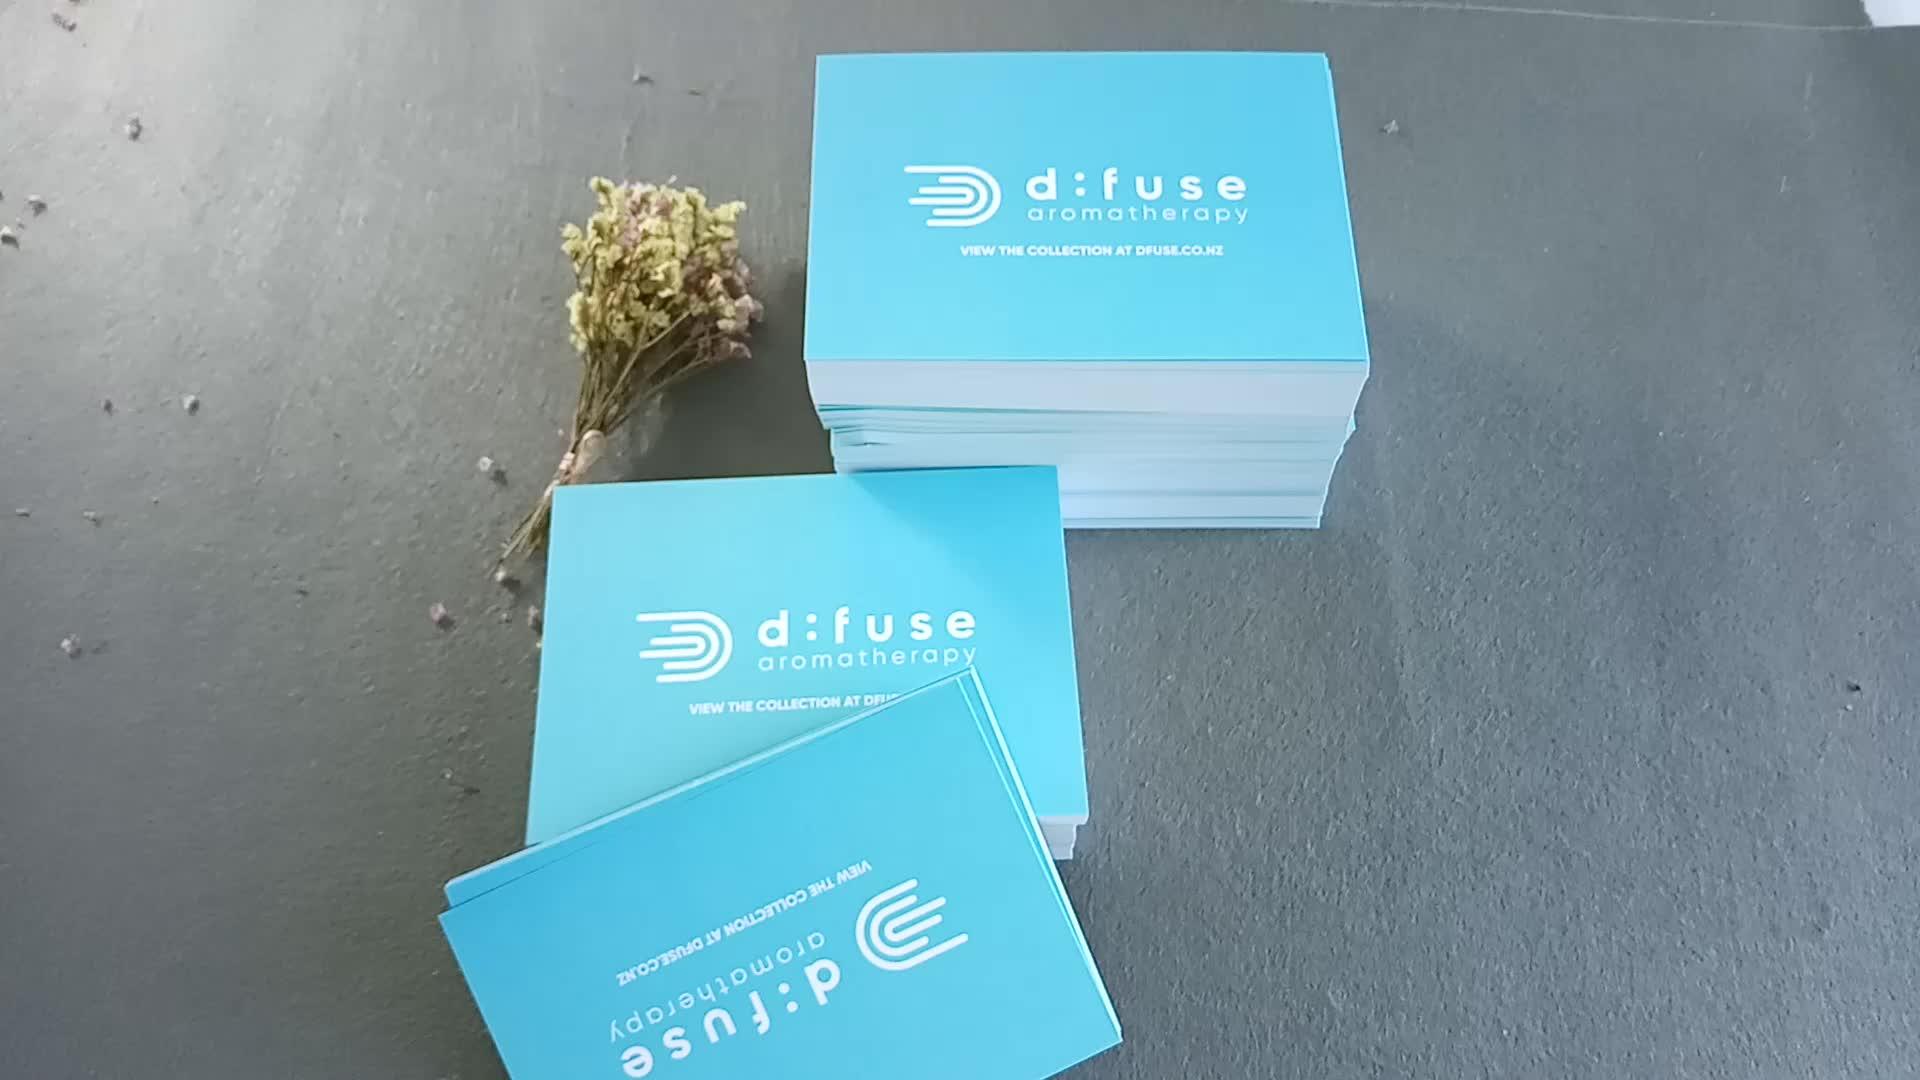 Fábrica de impressão offset cartão de papel todas as ocasiões de aniversário personalizado saudação cartão unocated